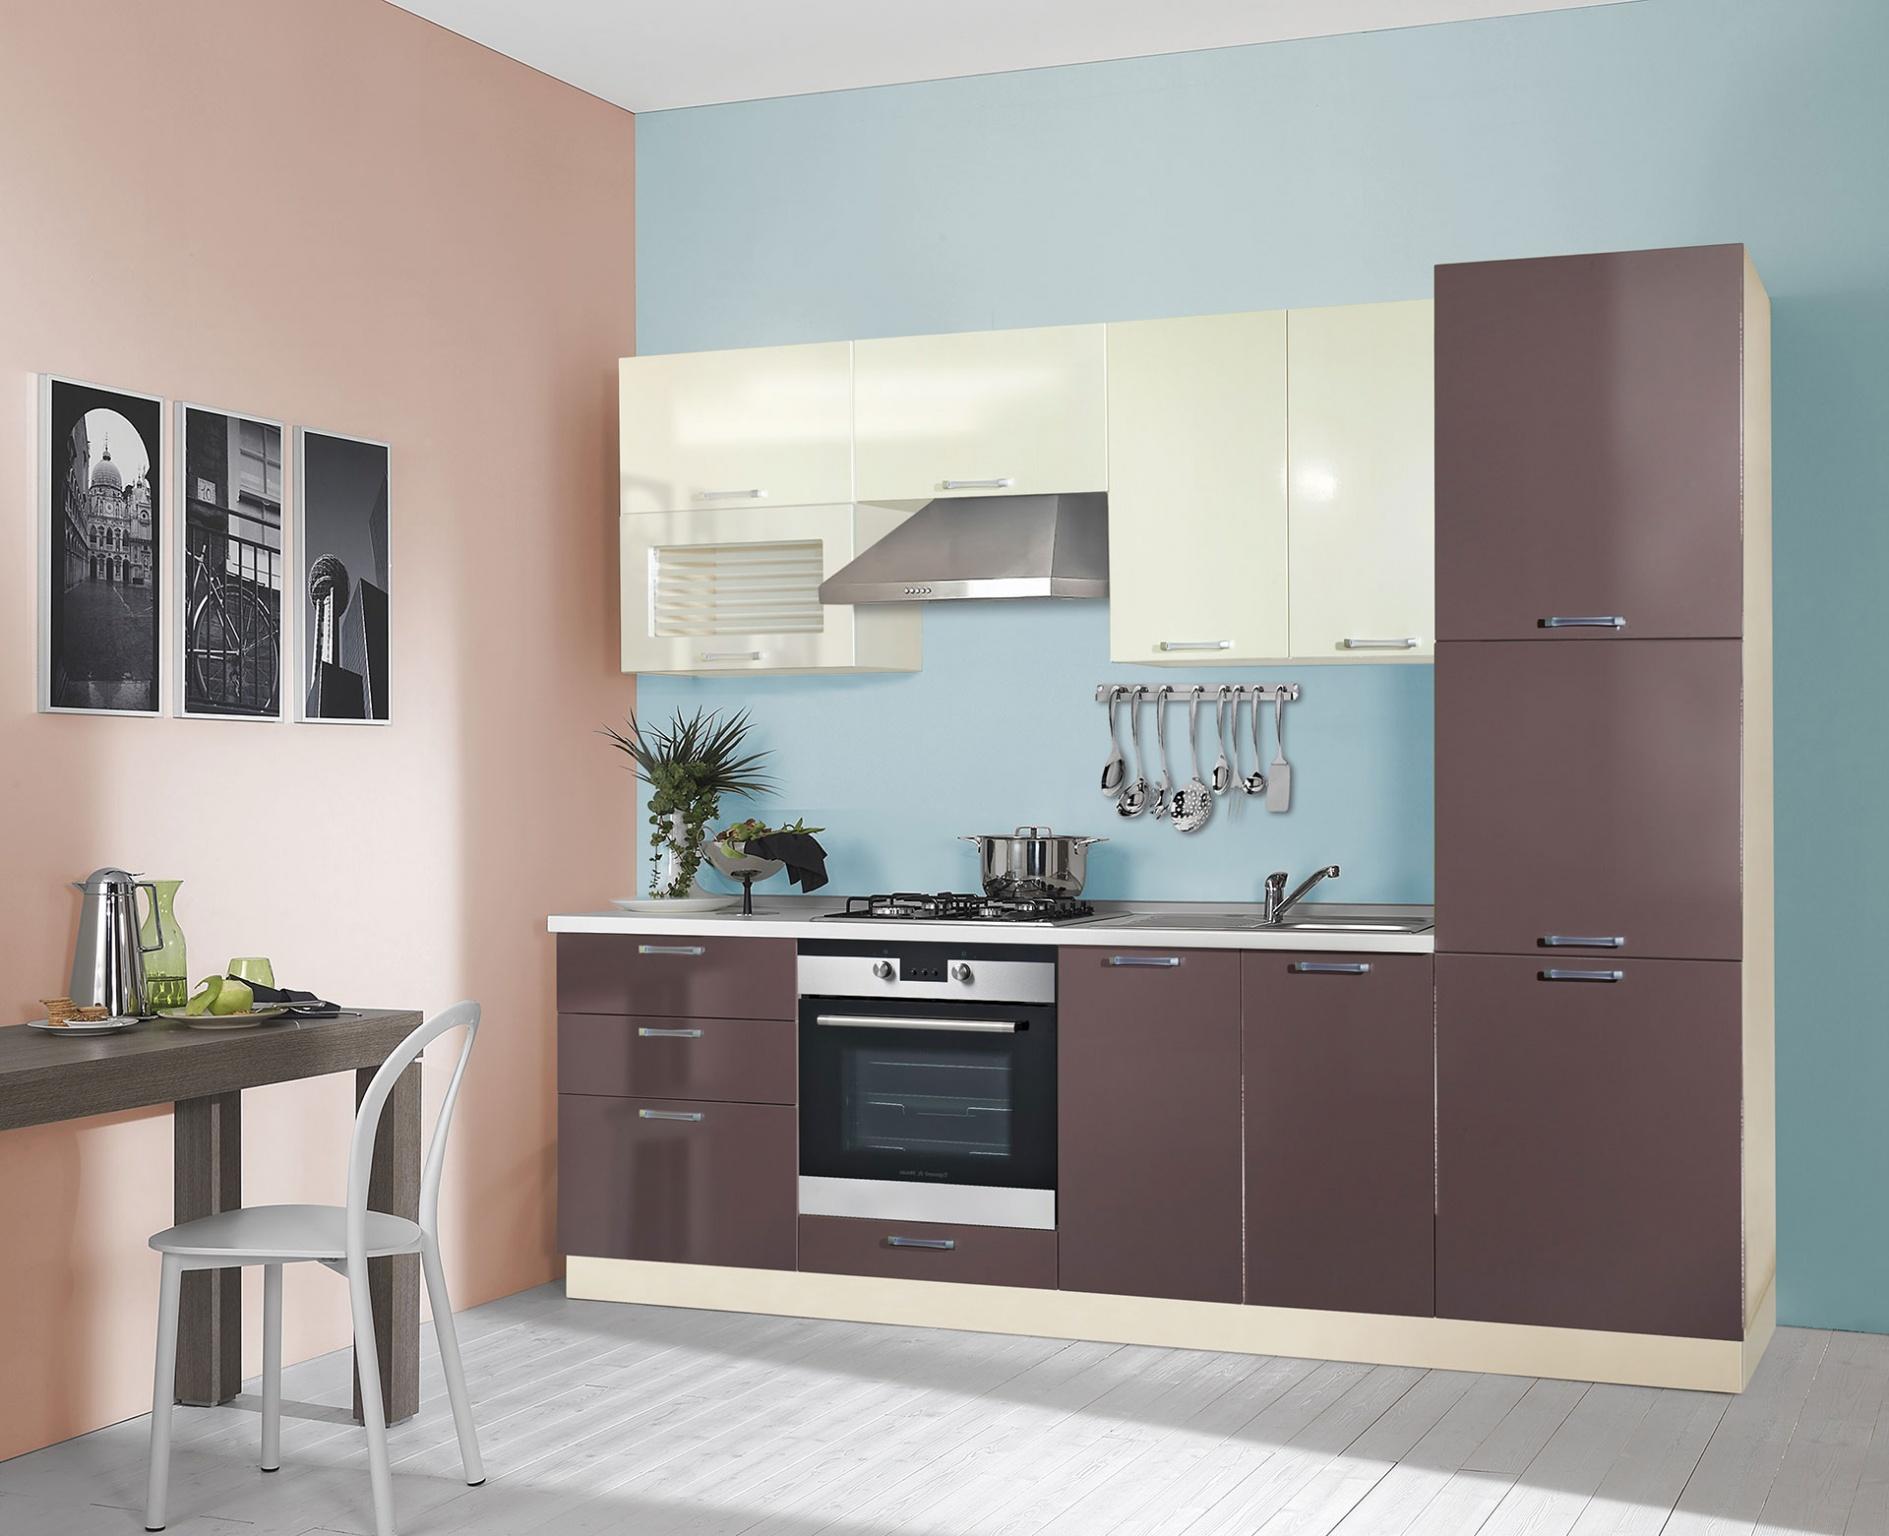 различные кусочки фото мдф пленка кухня рубин металлик цветом сообщил нам, что